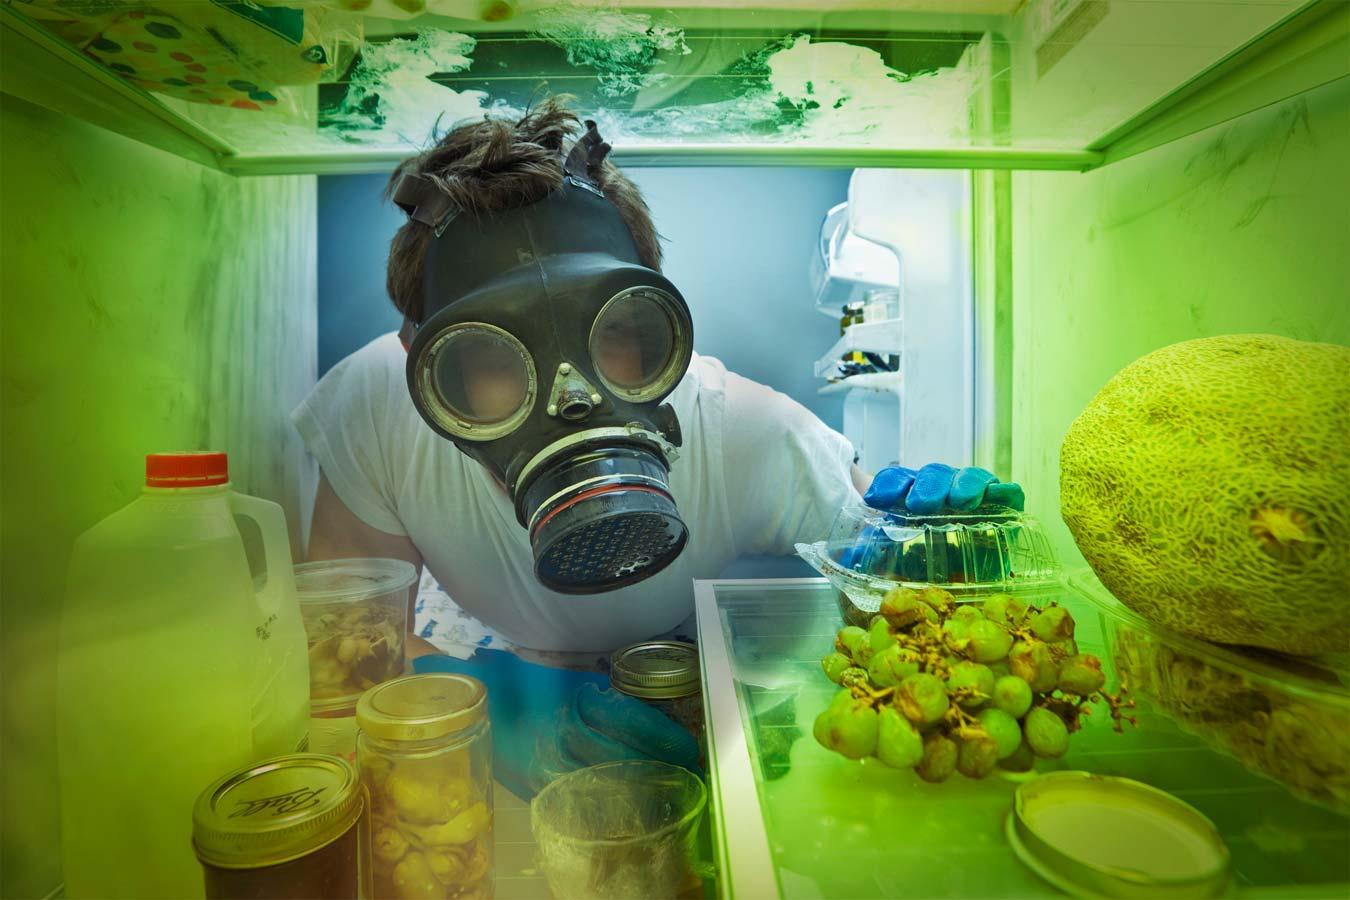 Hình ảnh vi khuẩn trong tủ lạnh